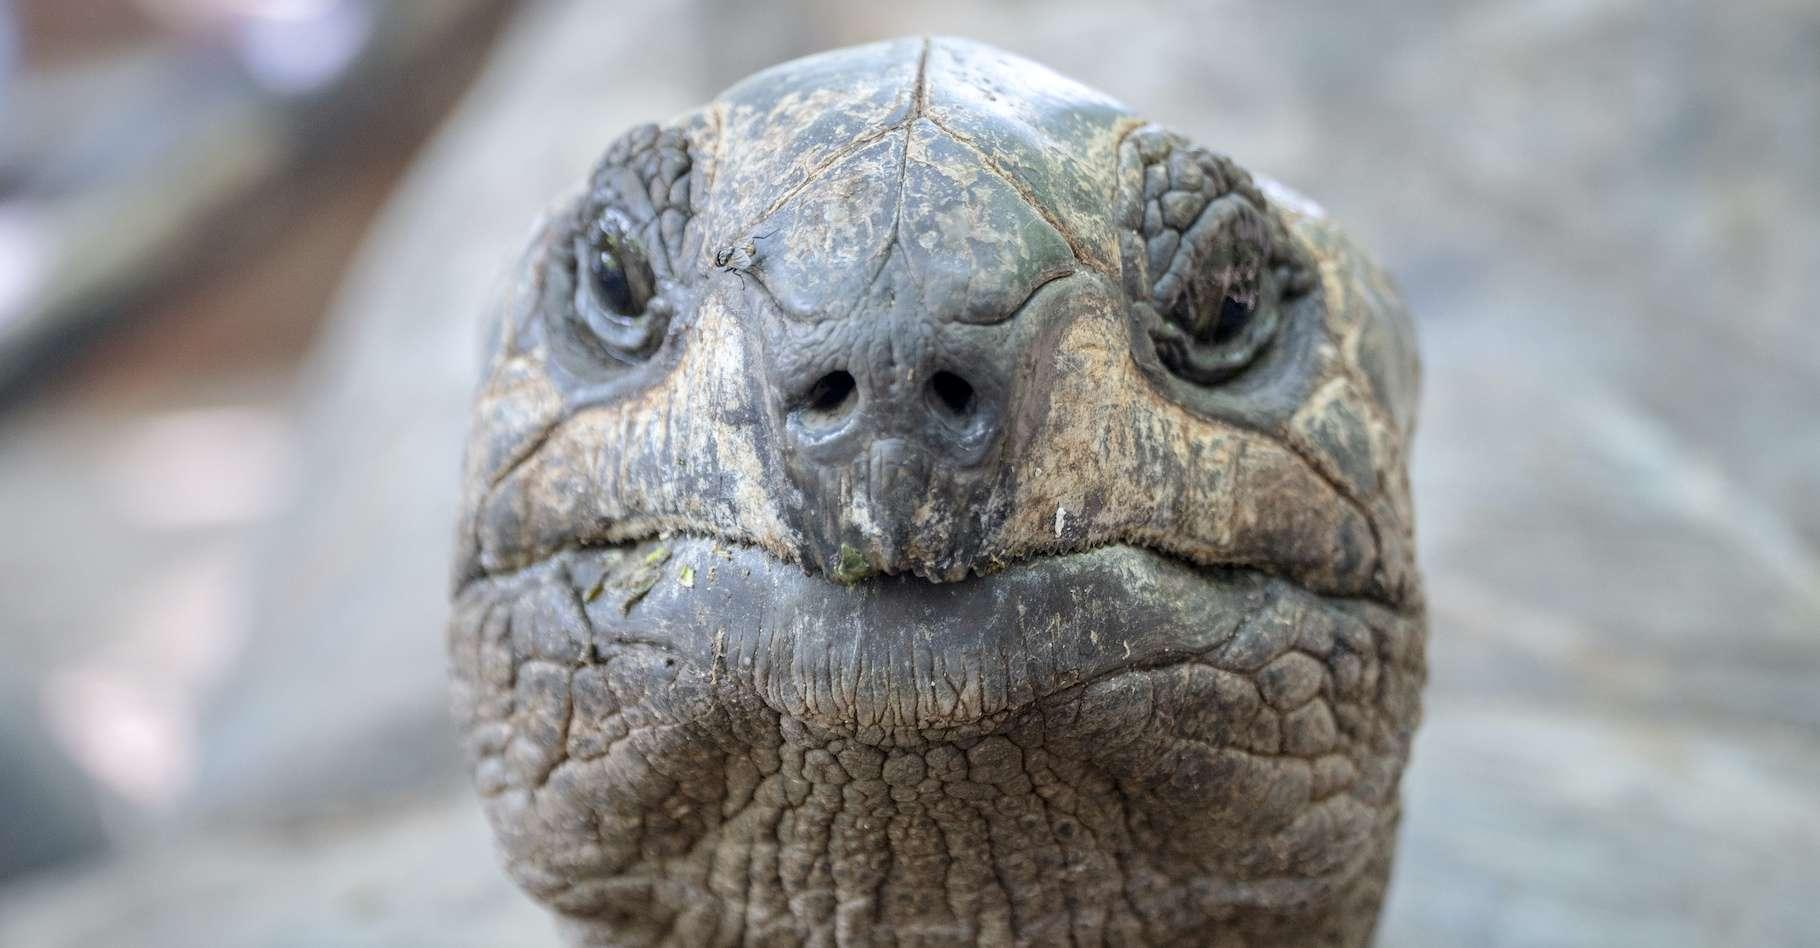 Les tortues géantes jouissent d'une espérance de vie étonnante. Une incroyable mémoire aussi, nous apprennent aujourd'hui des chercheurs. © rimom, Adobe Stock